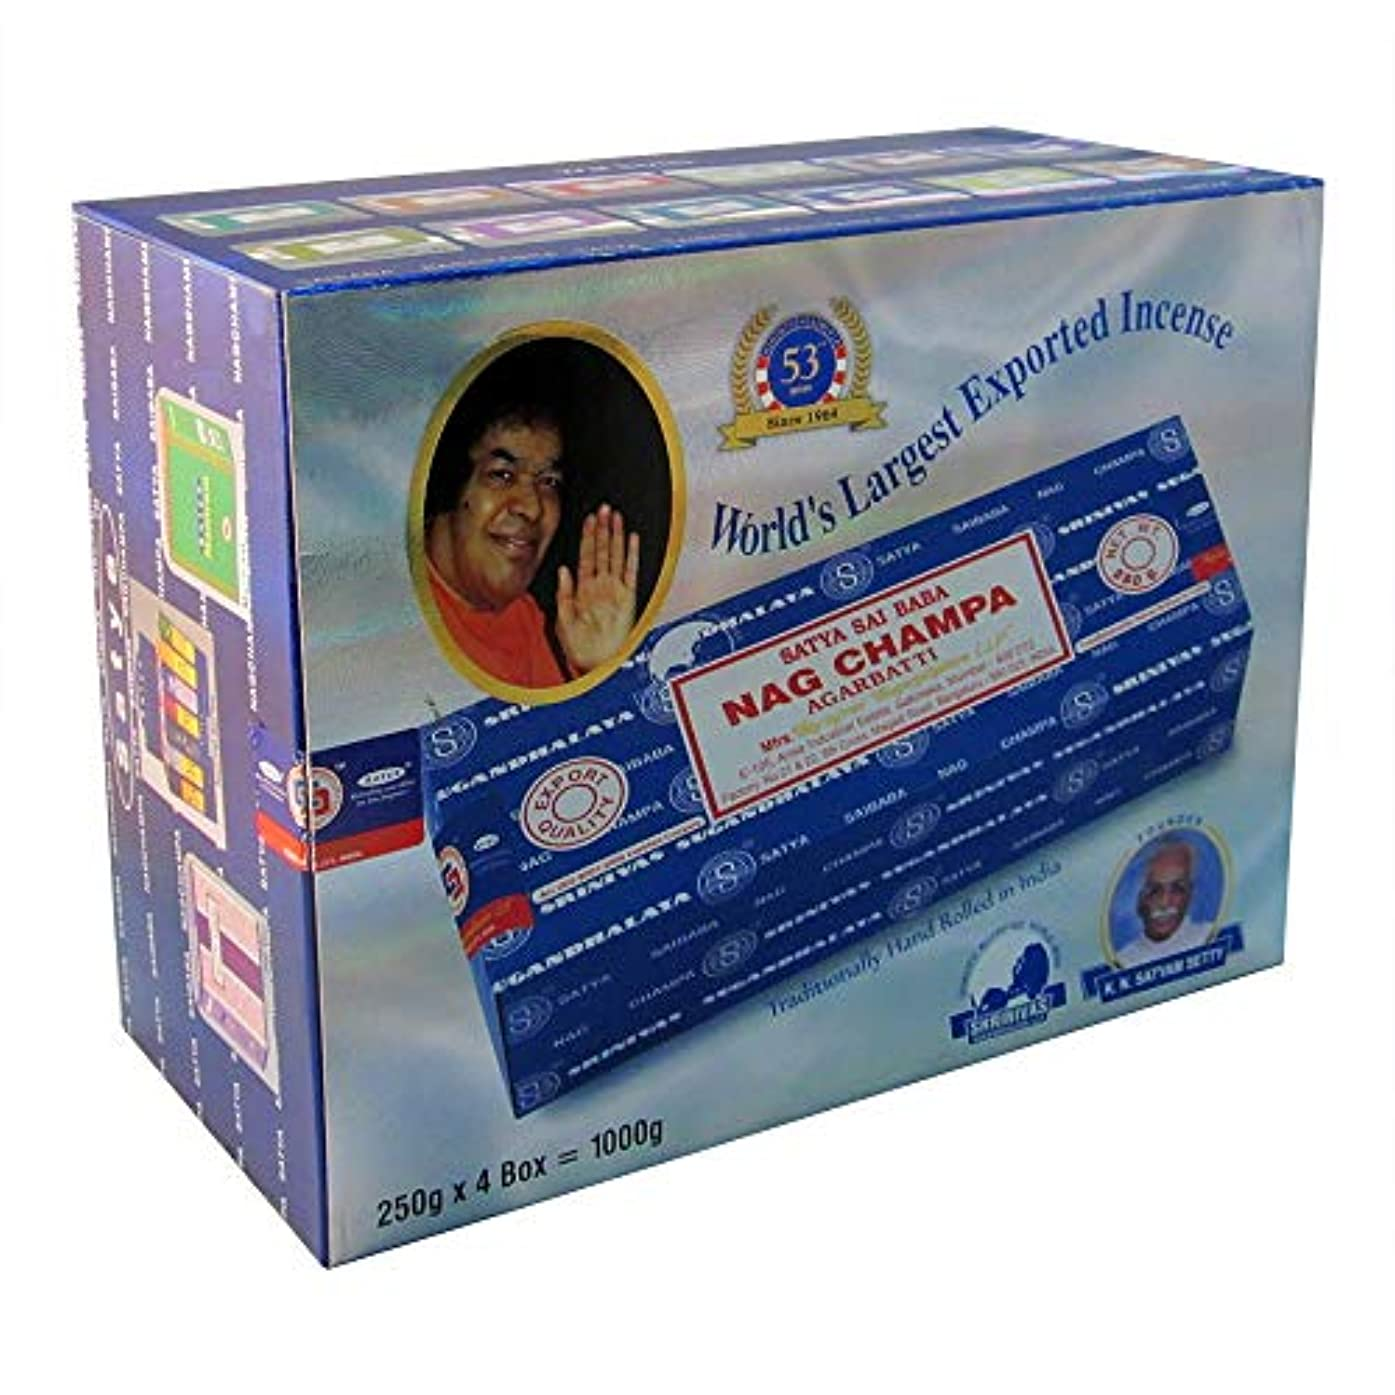 架空の決定するロビーSai Baba Nag Champa Incense 1,000 Gram (1,000g - 4 packs) 141[並行輸入]